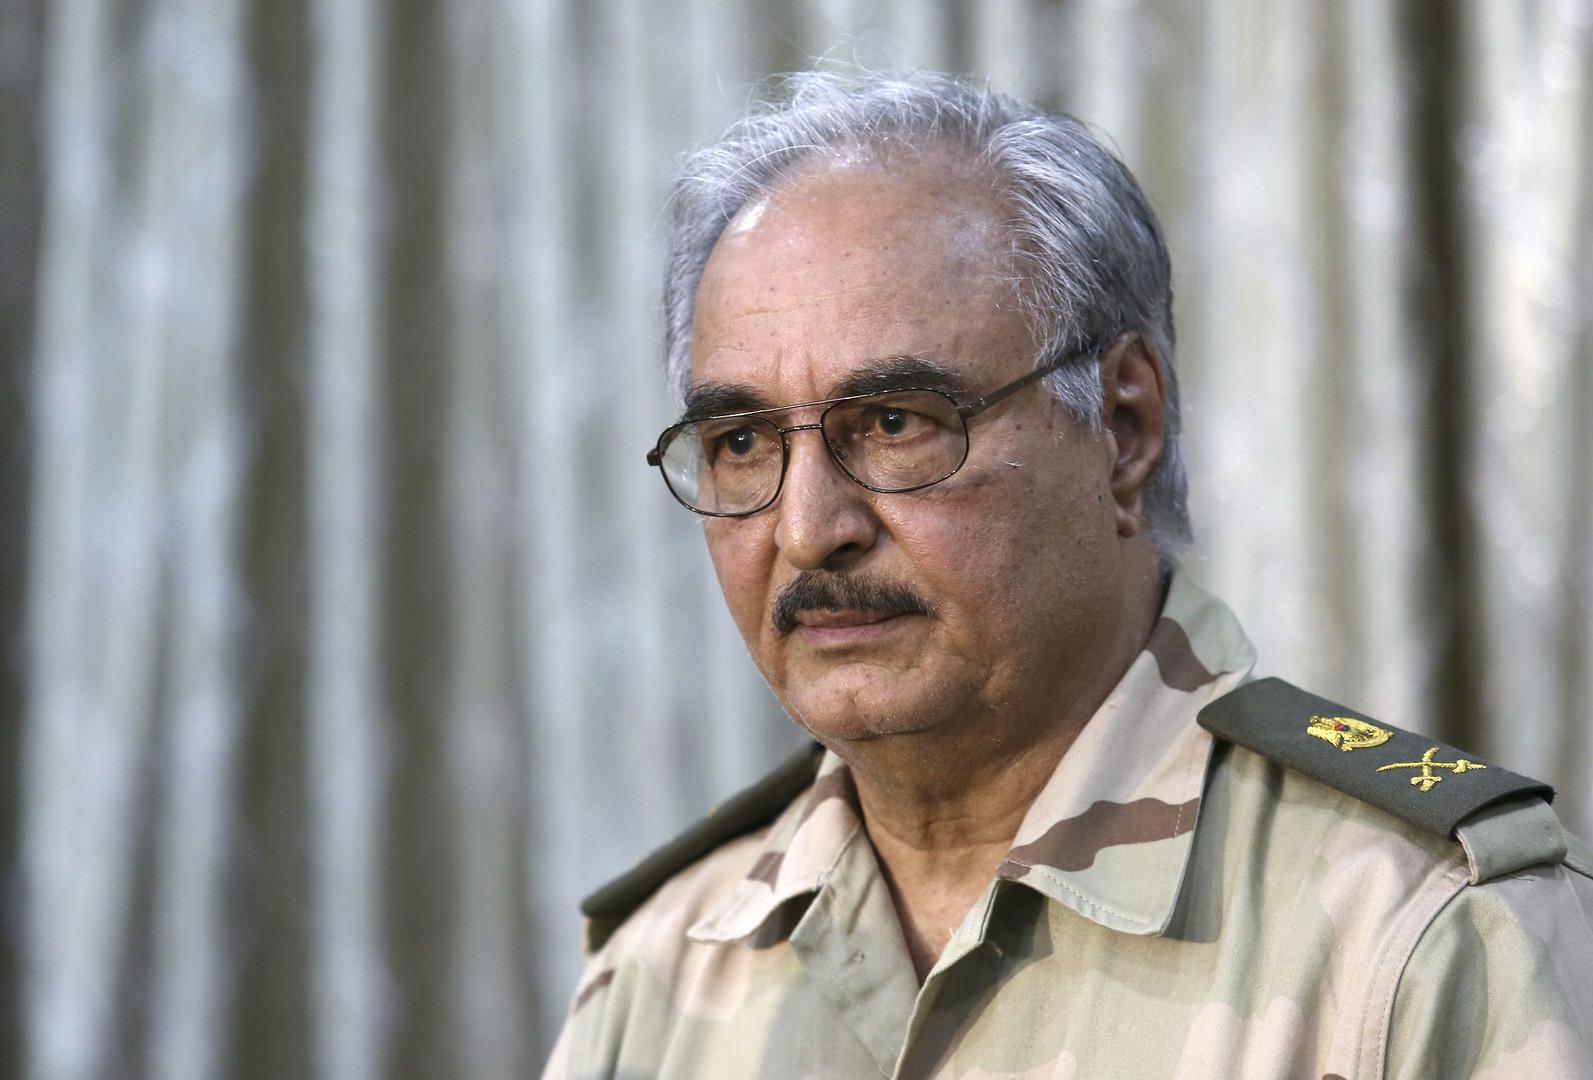 ليبيا.. عنف متواصل ودولة تتآكل